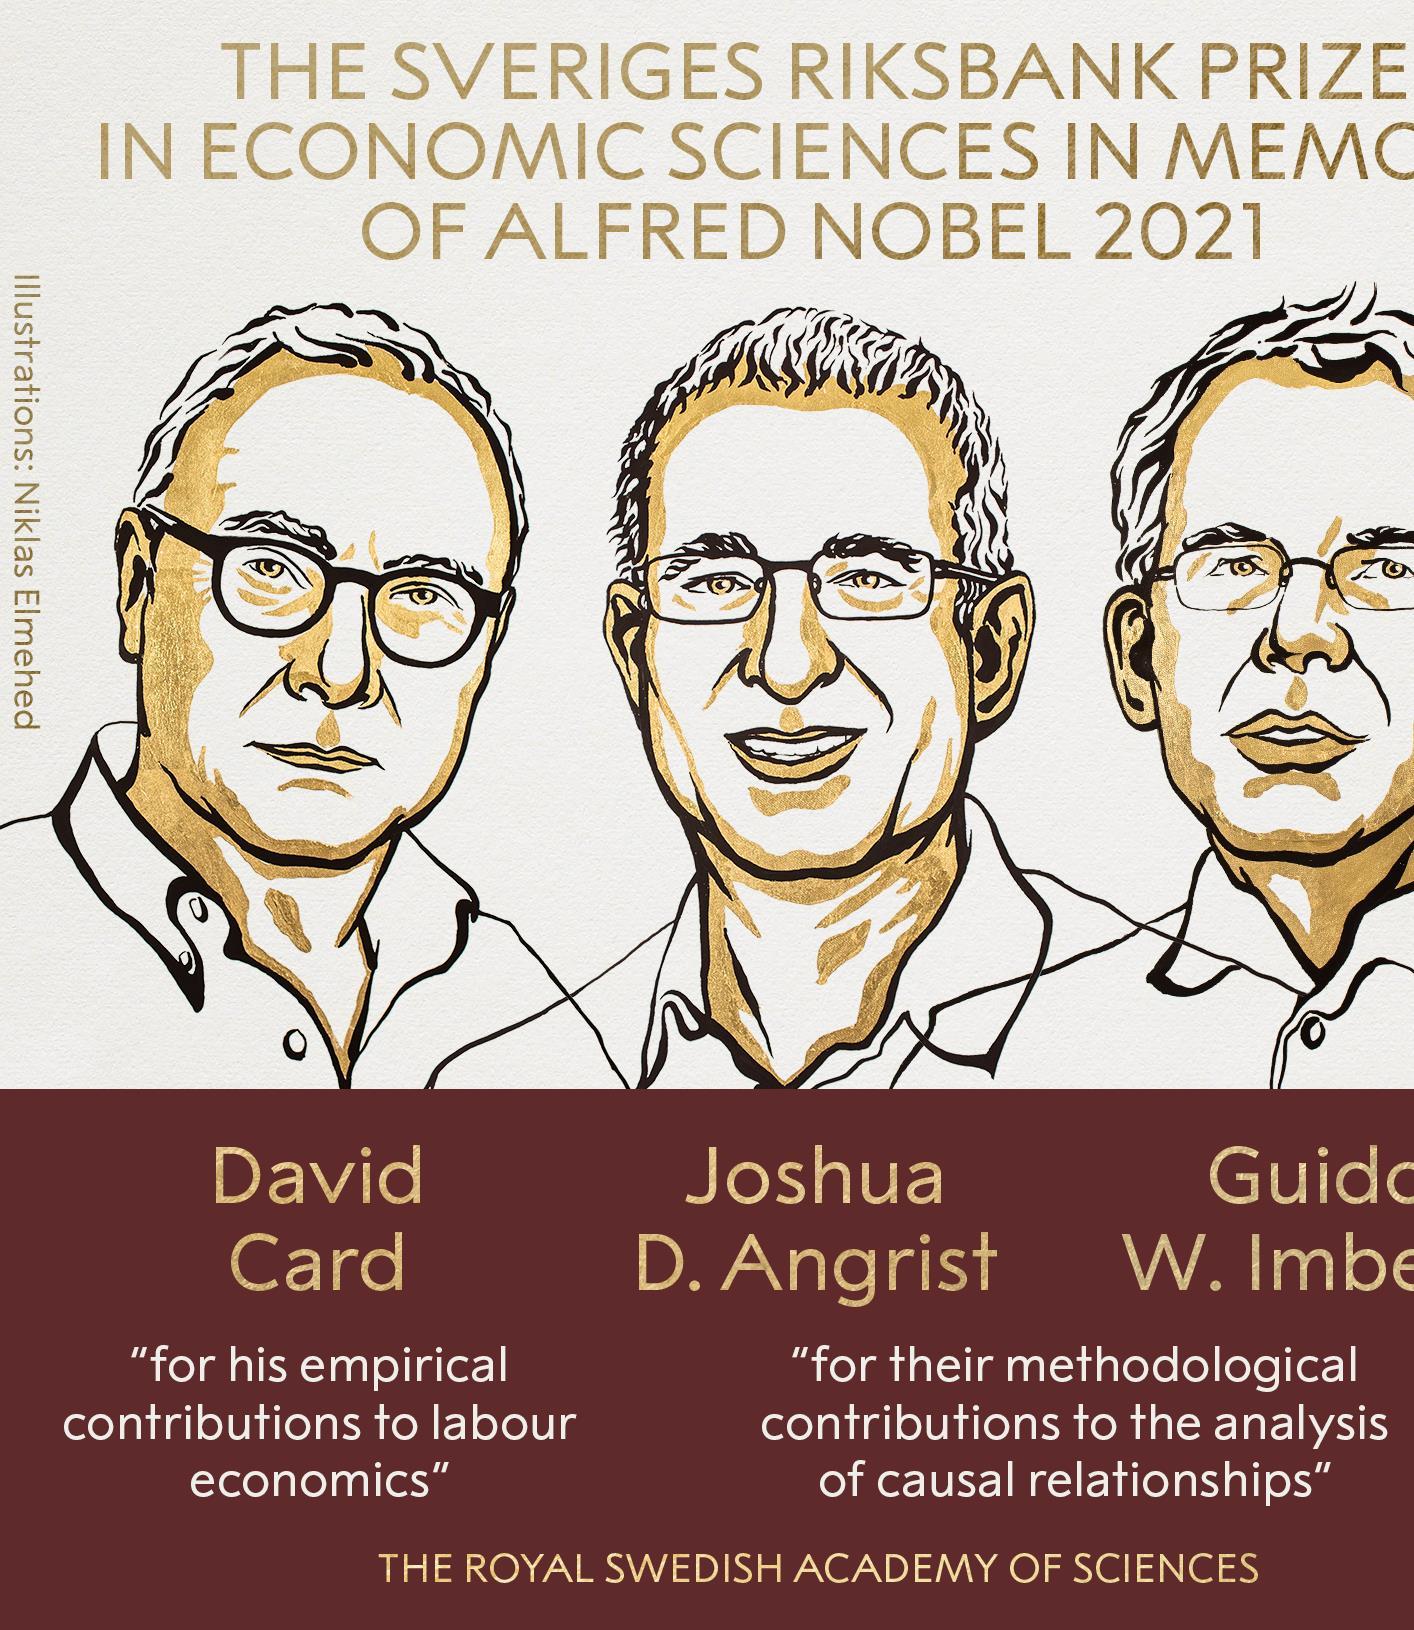 Le Nobel d'économie décerné à trois spécialistes de l'économie expérimentale